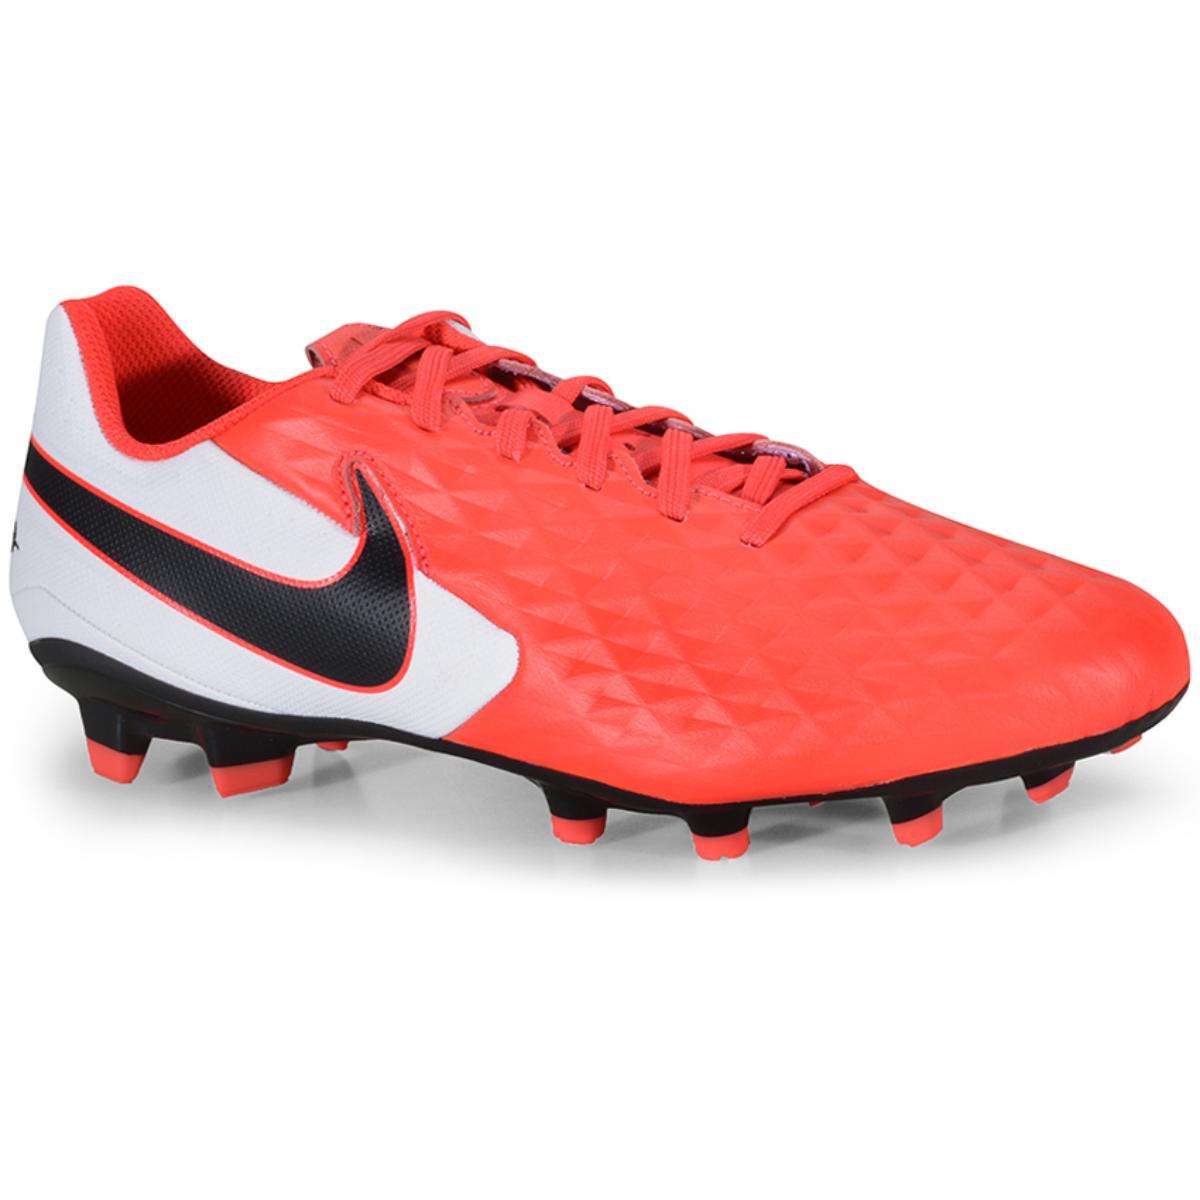 Chuteira Masculina Nike At5292-606 Tiempo Legend 8 Academy Coral/branco/preto